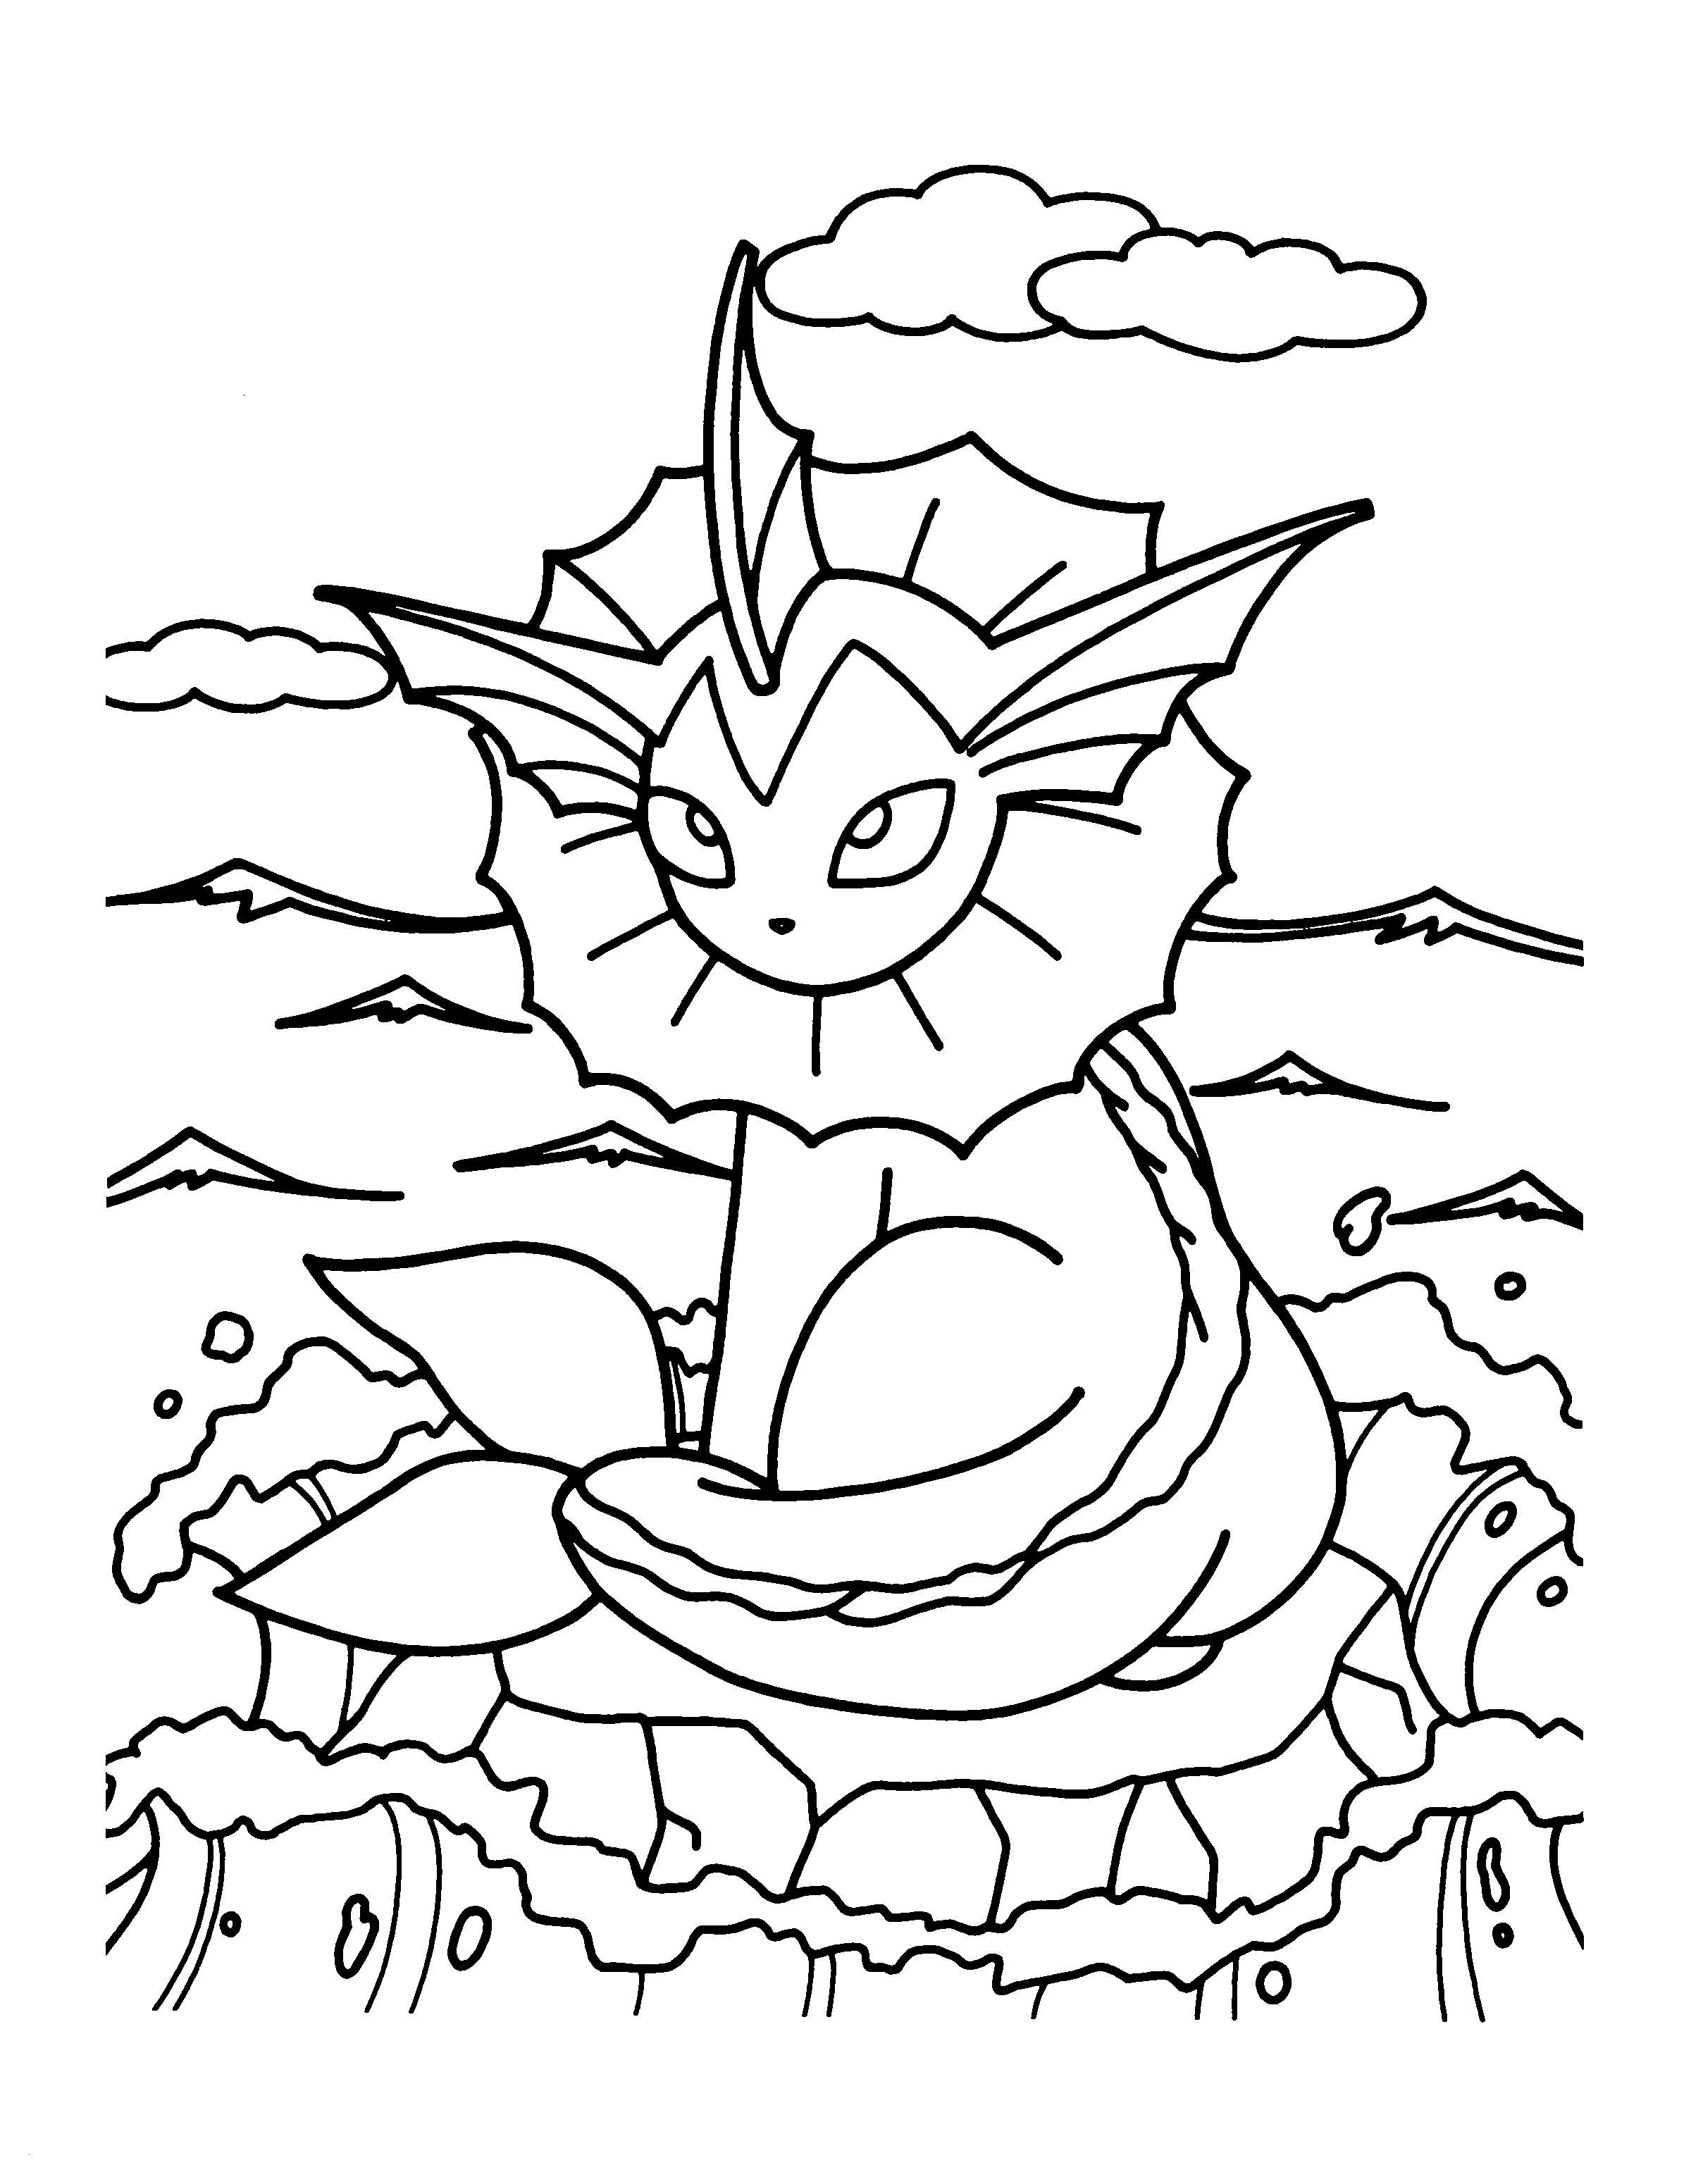 Pokemon Bilder Zum Ausmalen Inspirierend Beau Ausmalbilder Pokemon Kostenlos Ausdrucken – Duschbehalter Bild